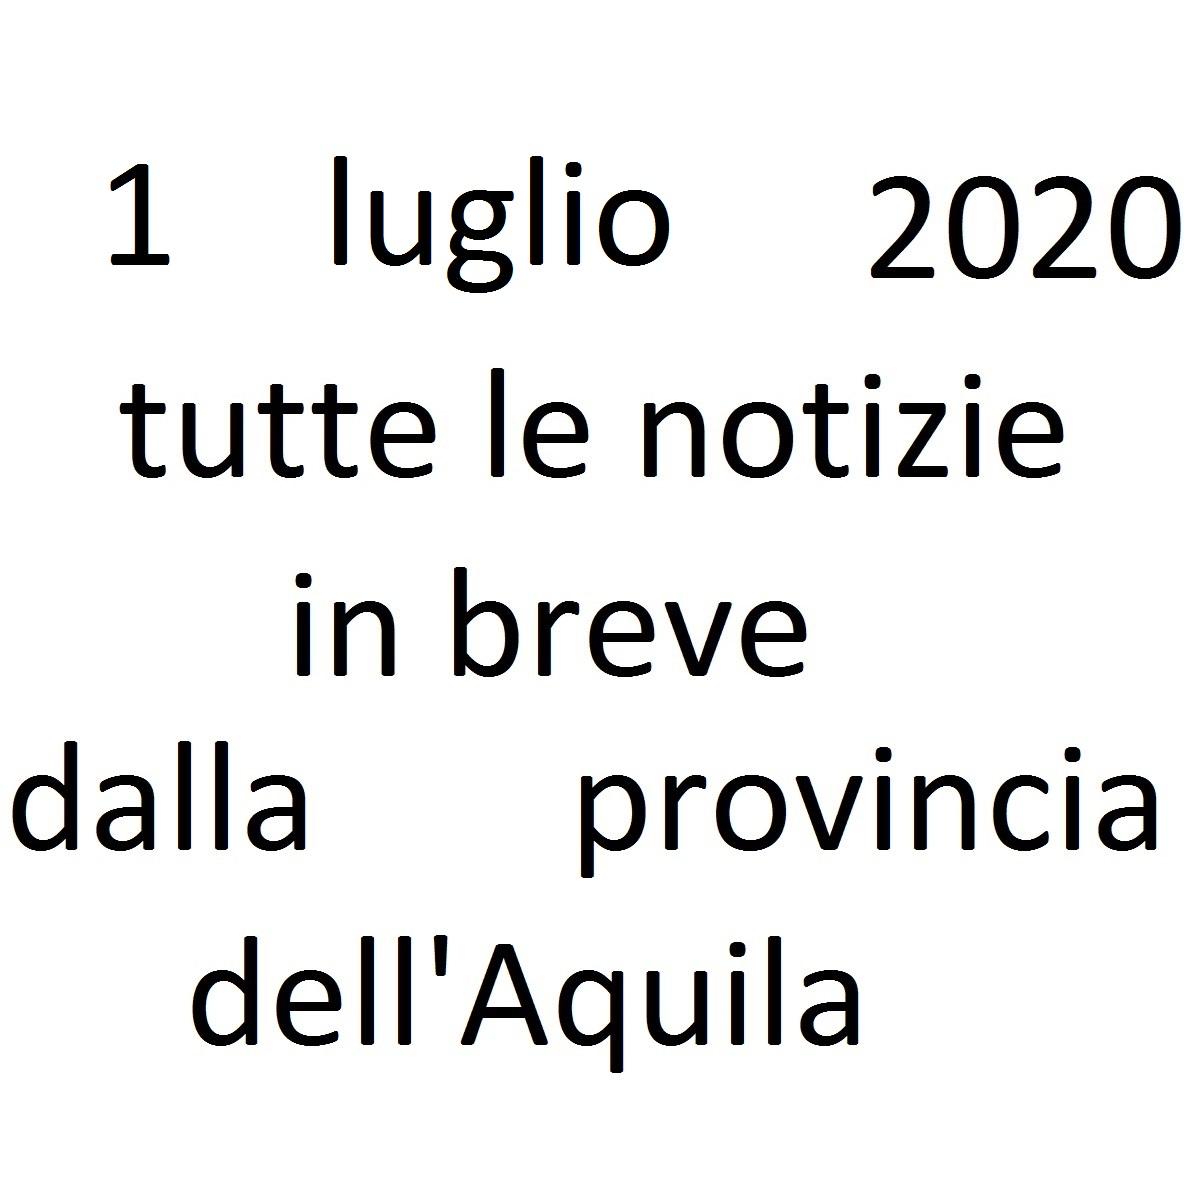 1 luglio 2020 notizie in breve dalla Provincia dell'Aquila foto